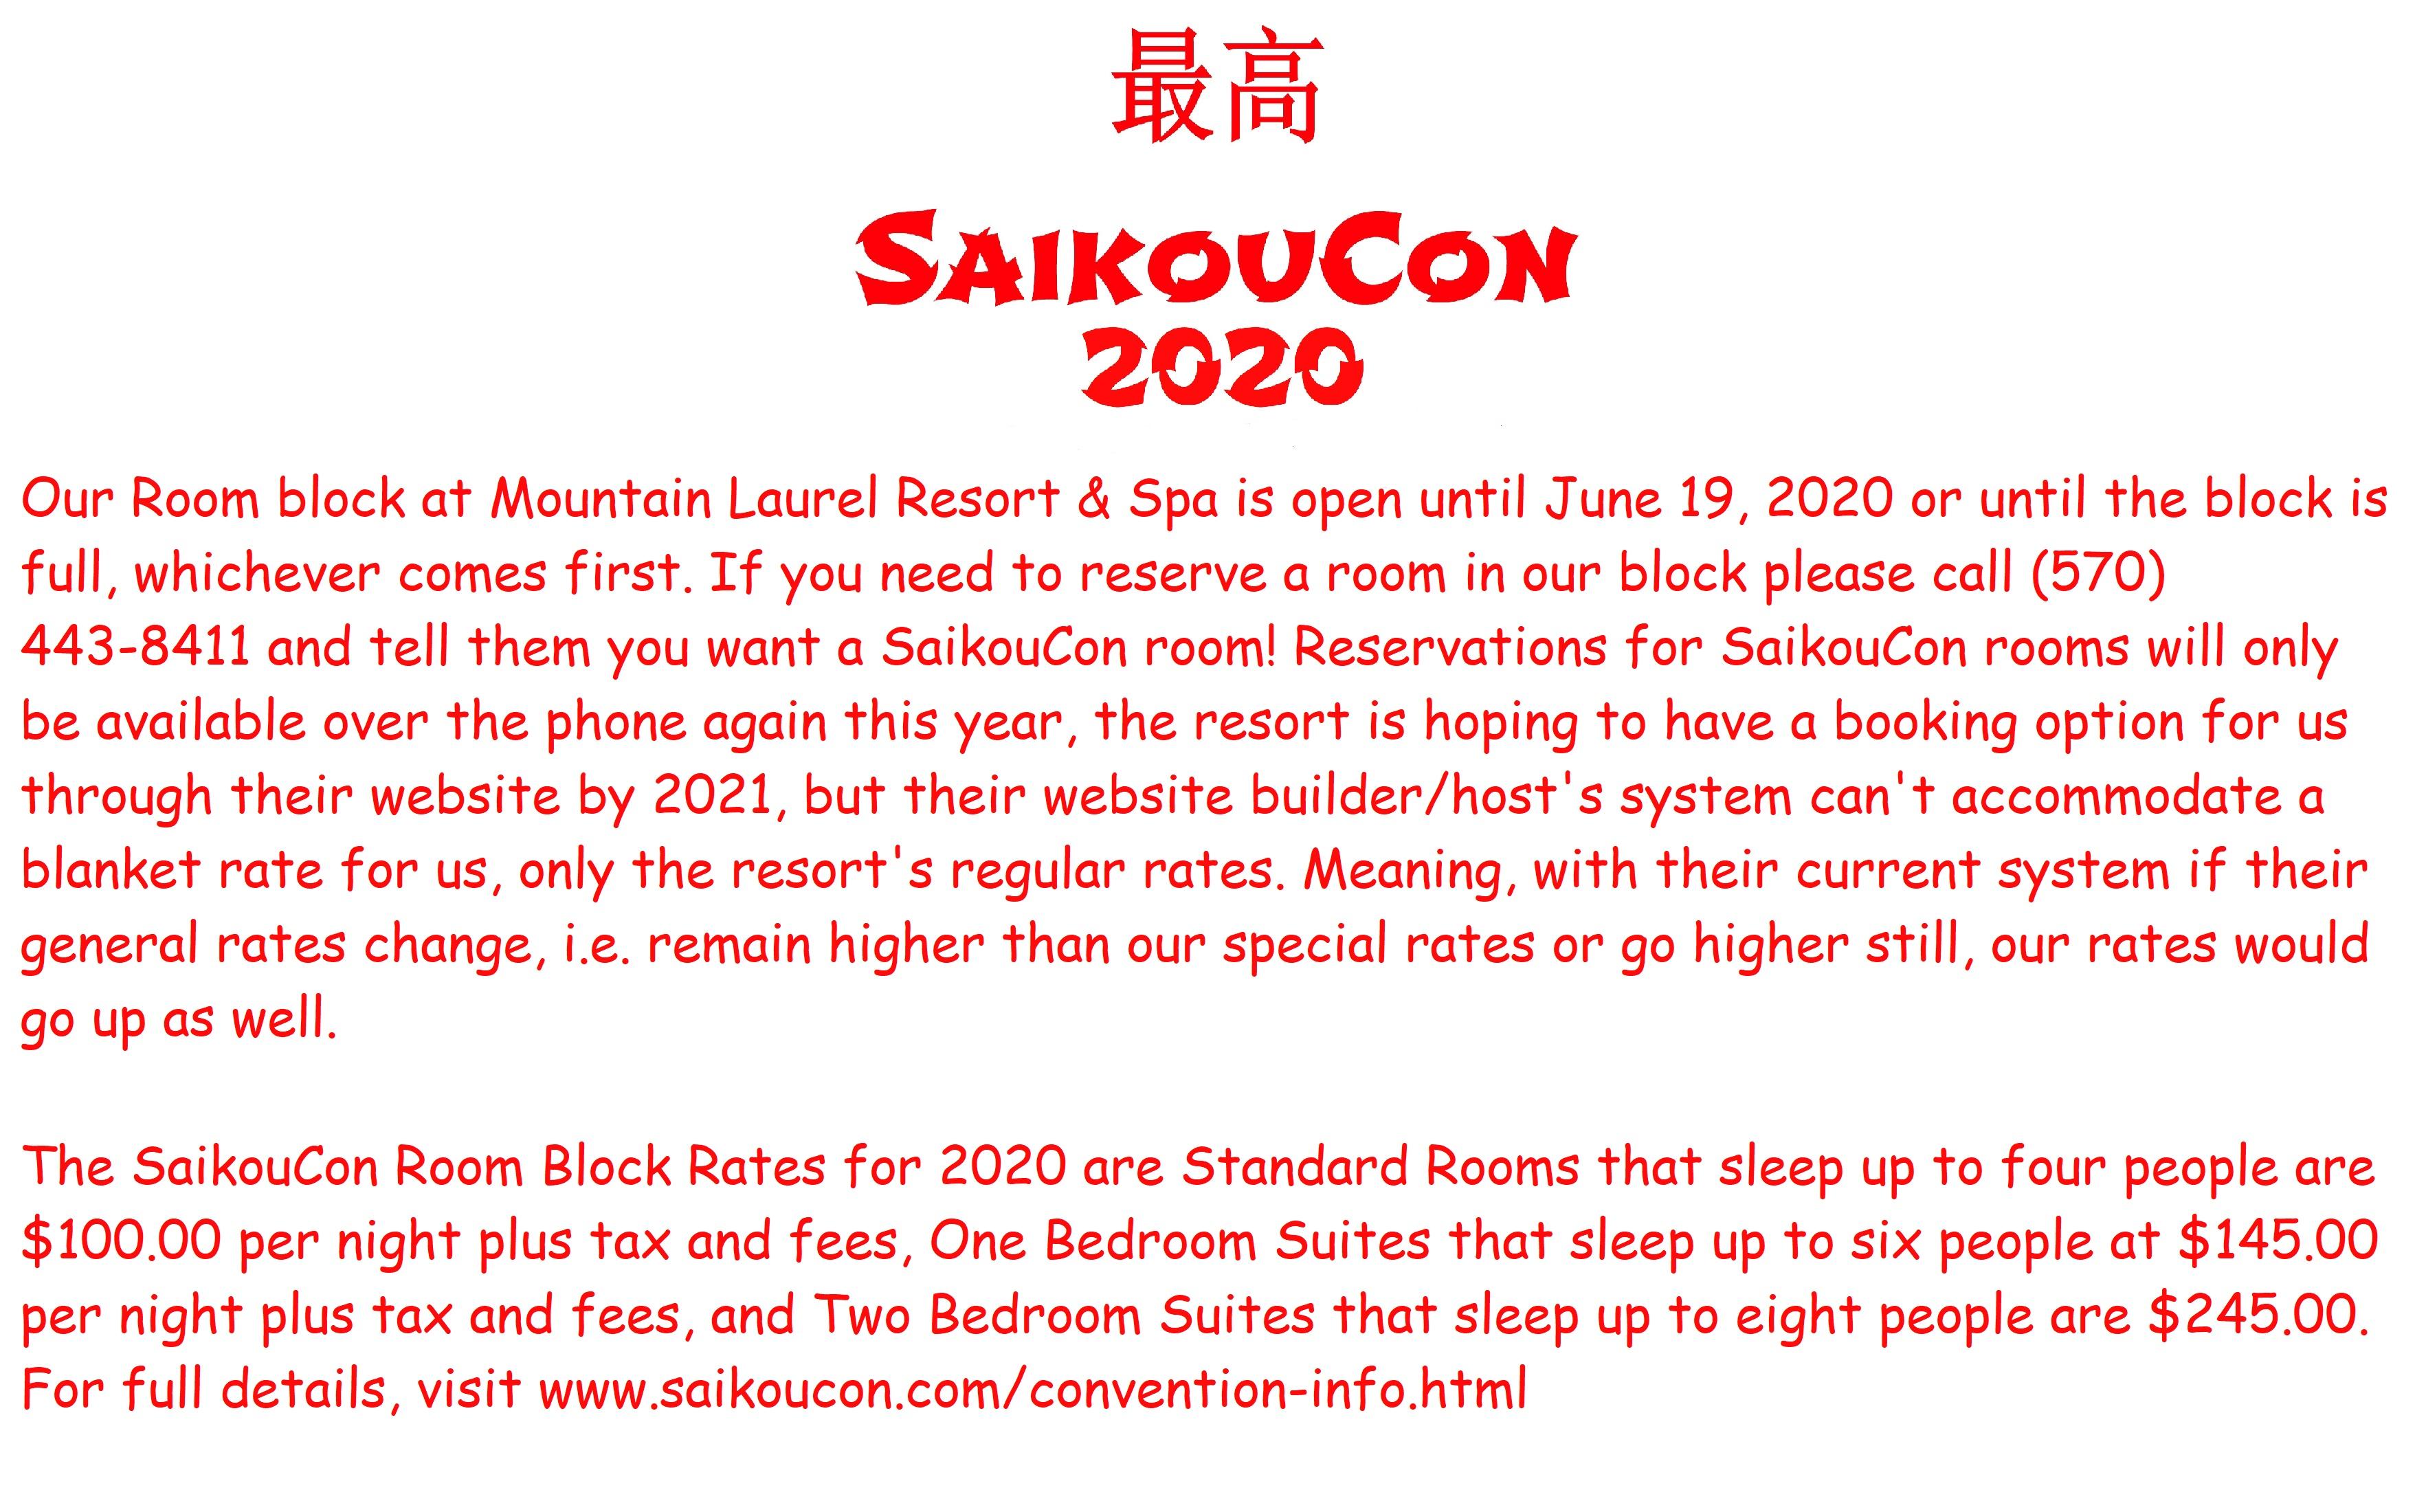 SaikouCon 2020 Room Block Open